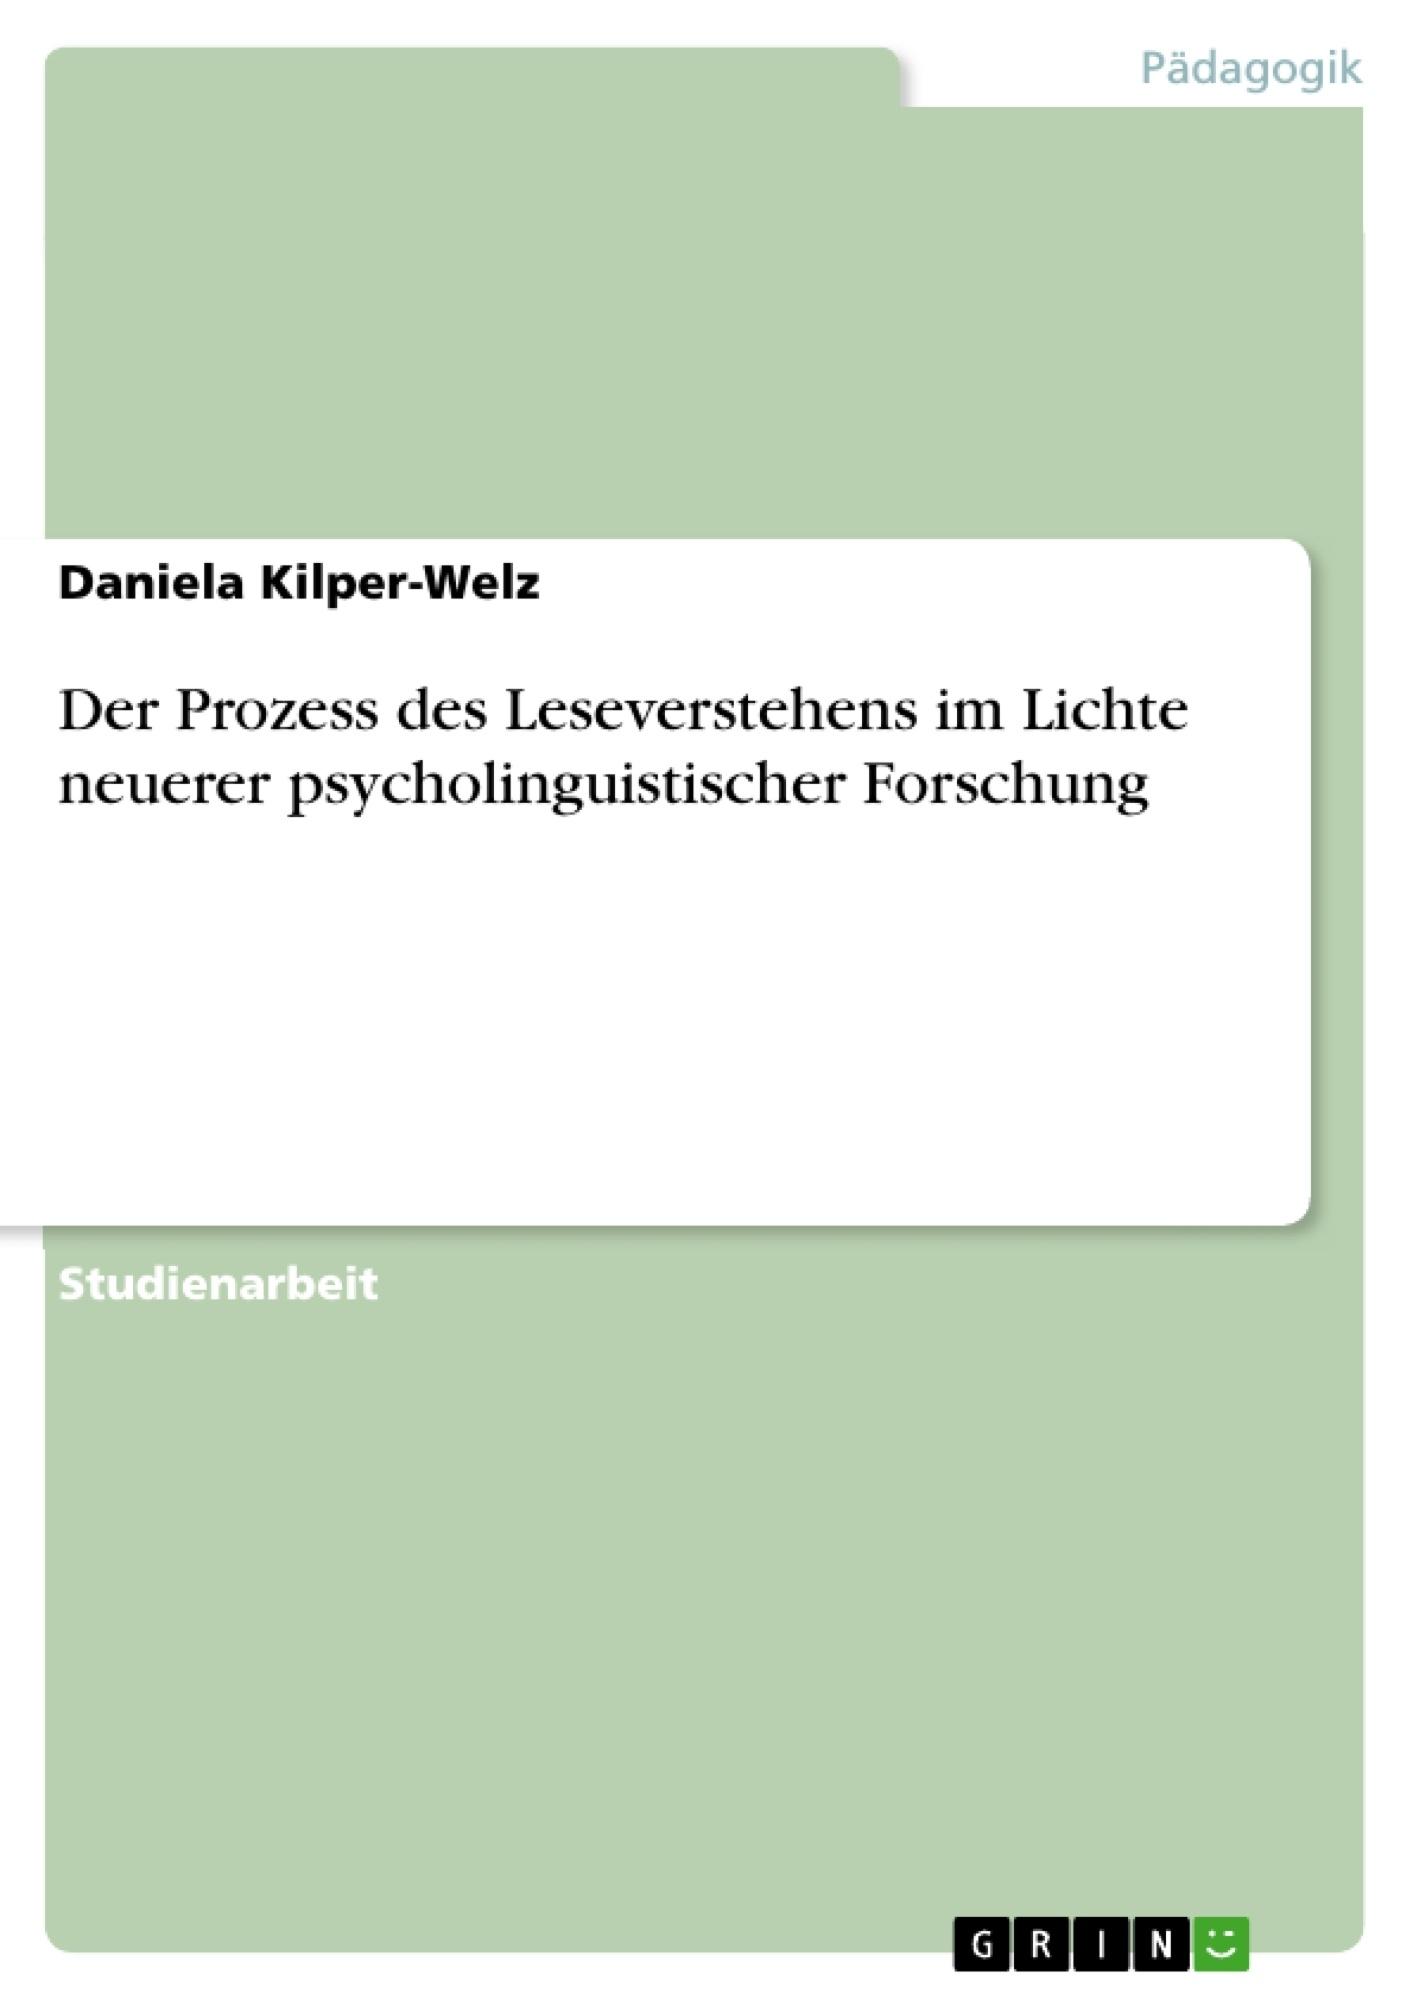 Titel: Der Prozess des Leseverstehens im Lichte neuerer psycholinguistischer Forschung